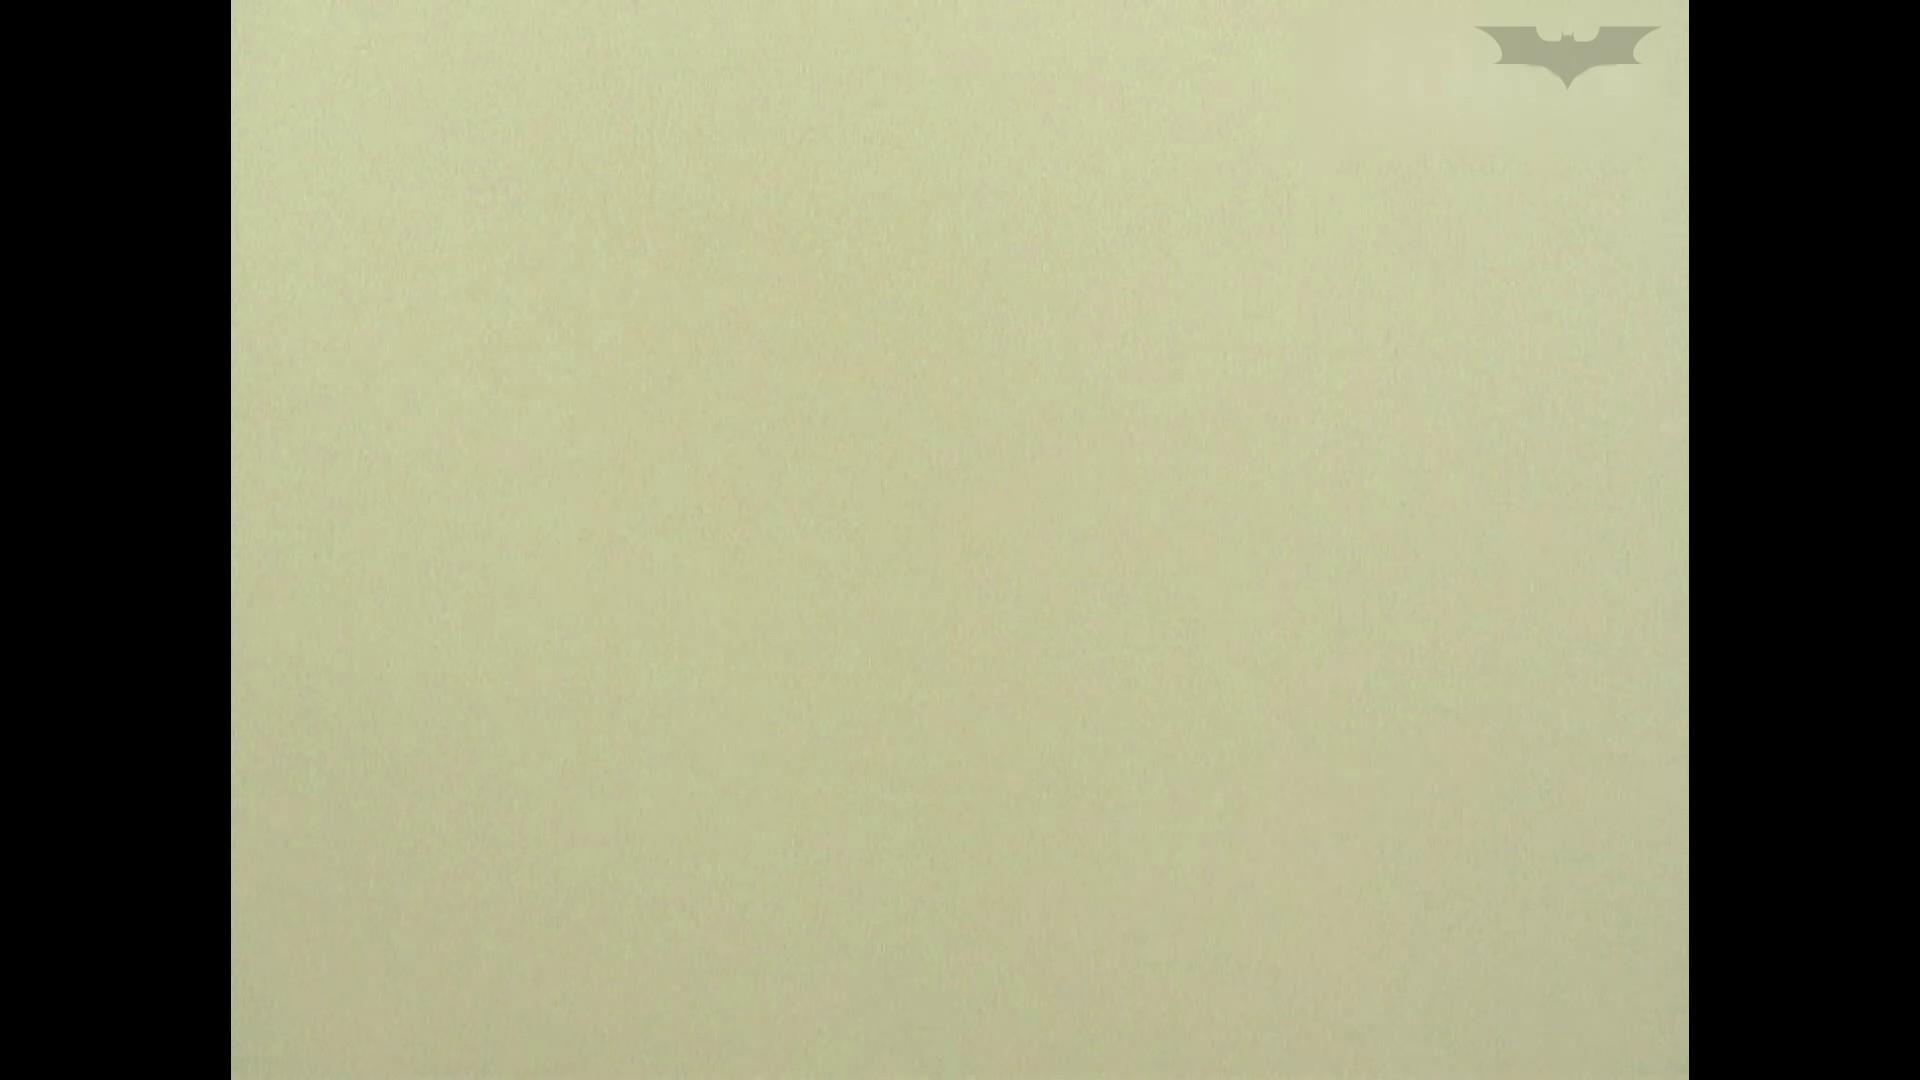 ツルマンから流れるあったかい聖水 期間限定神降臨!ツルピカ聖水! マンコ  102画像 15